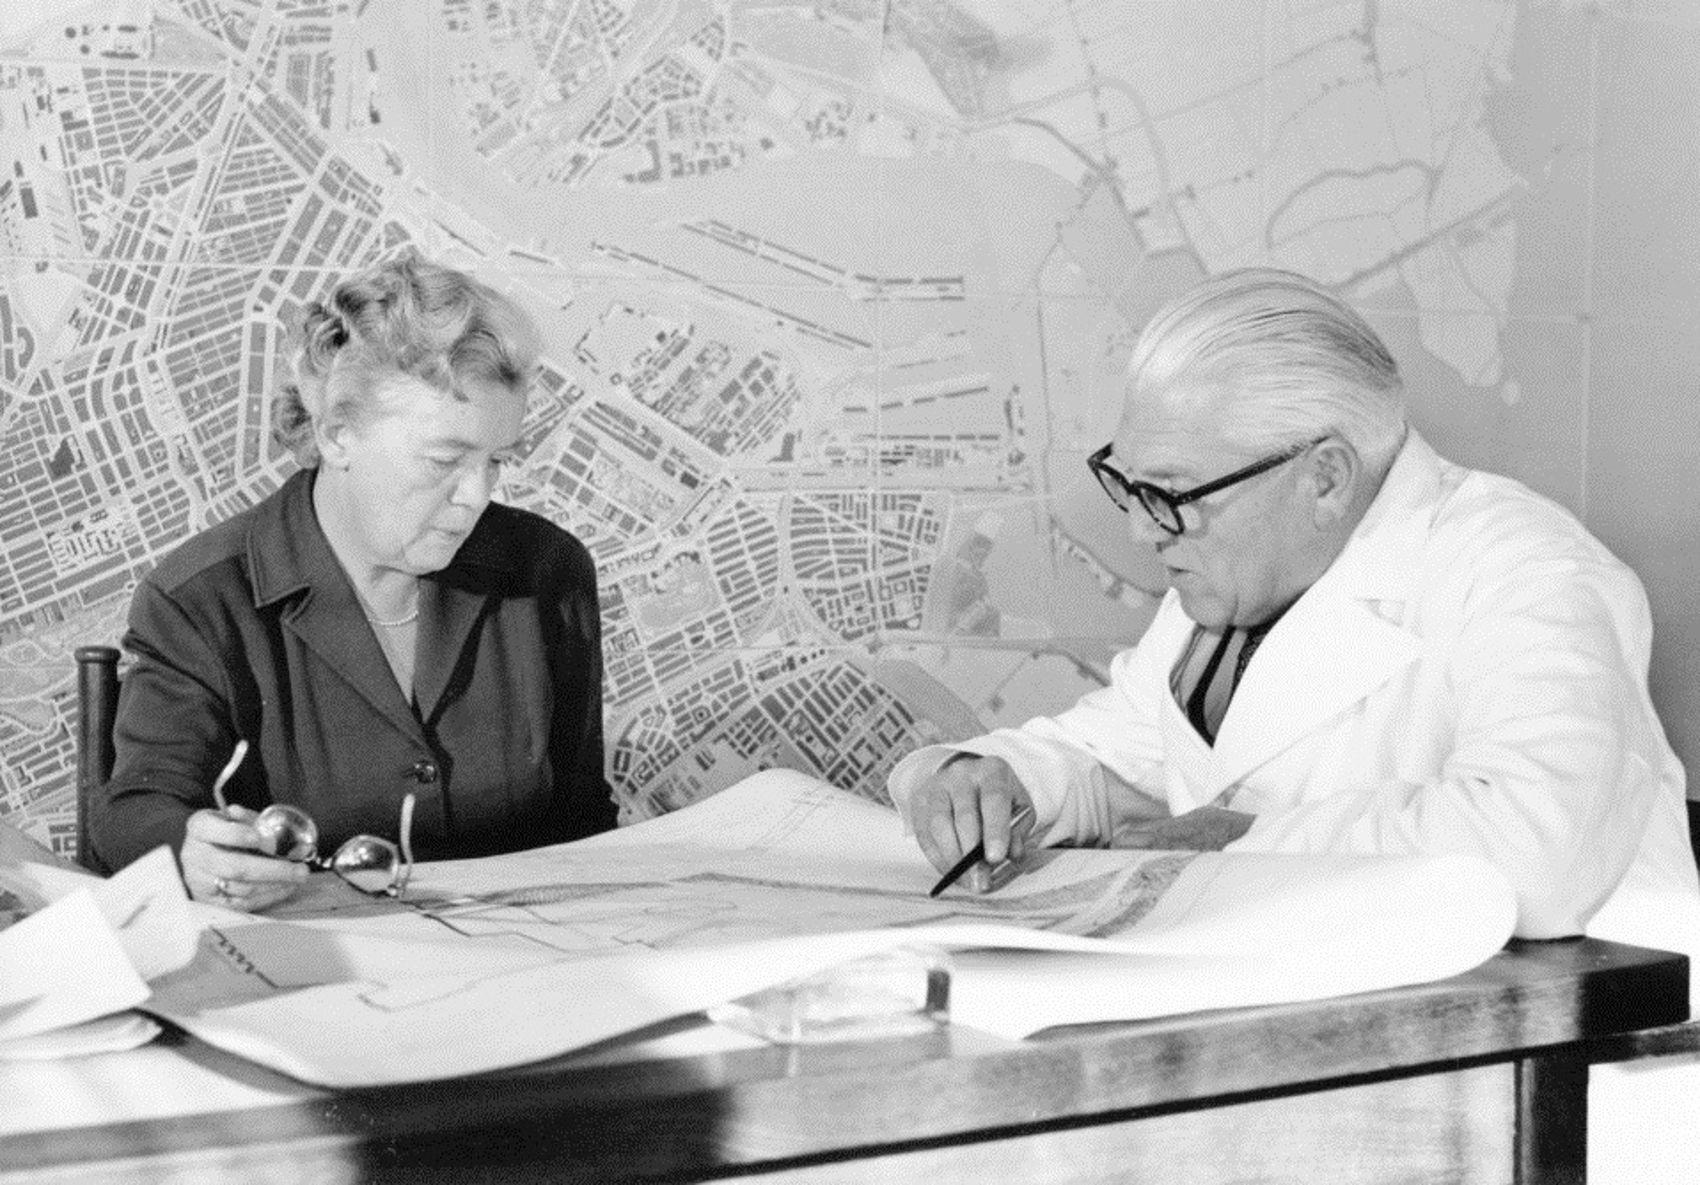 Stedenbouwkundigen Jacoba Mulder en Cornelis van Eesteren in 1958